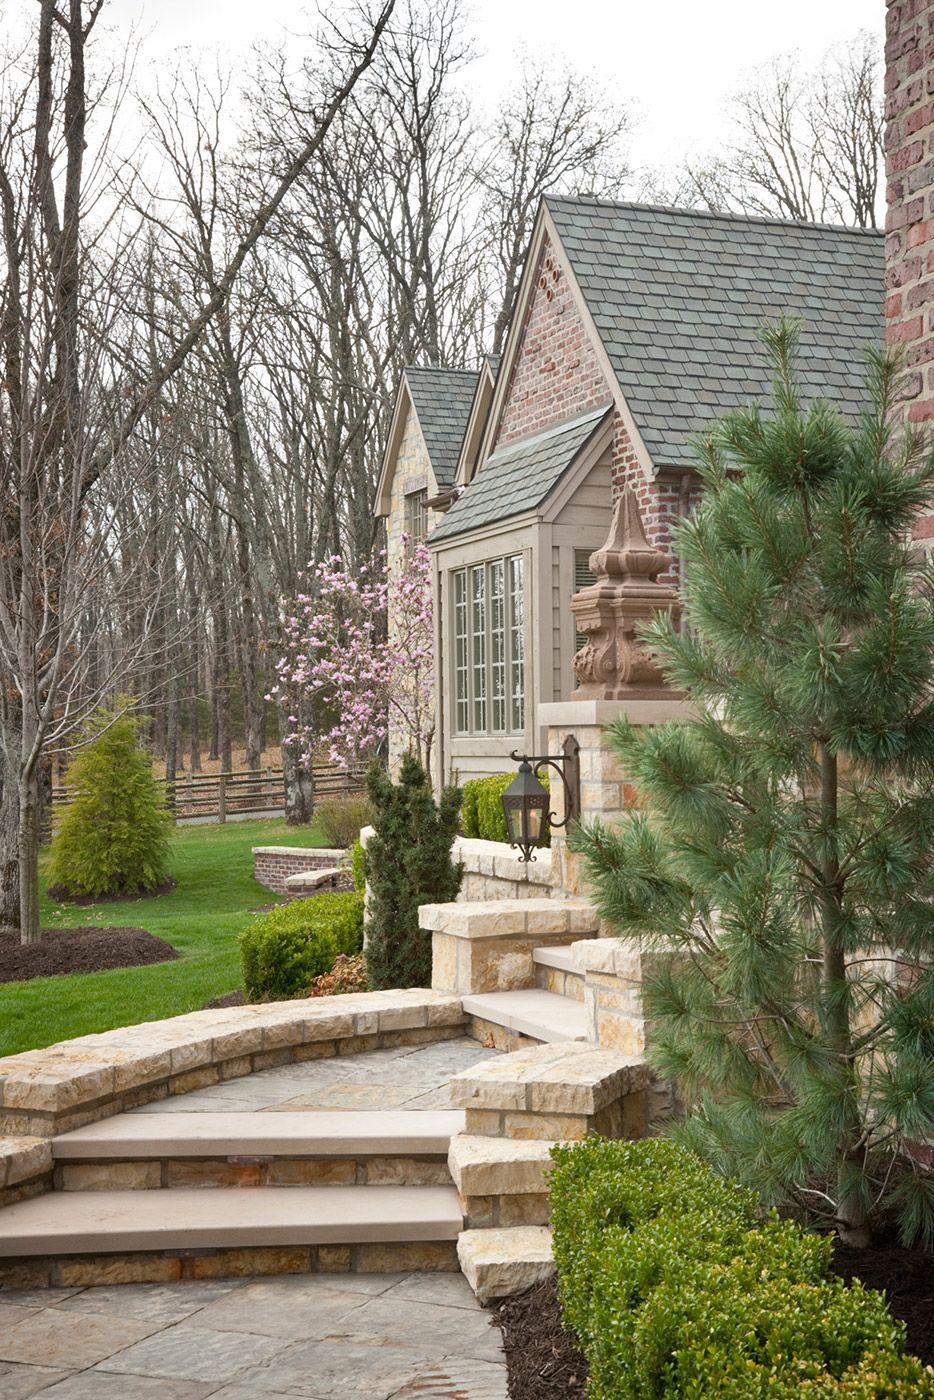 Home design exterieur und interieur joy tribout interior design  exterior  details luextérieur